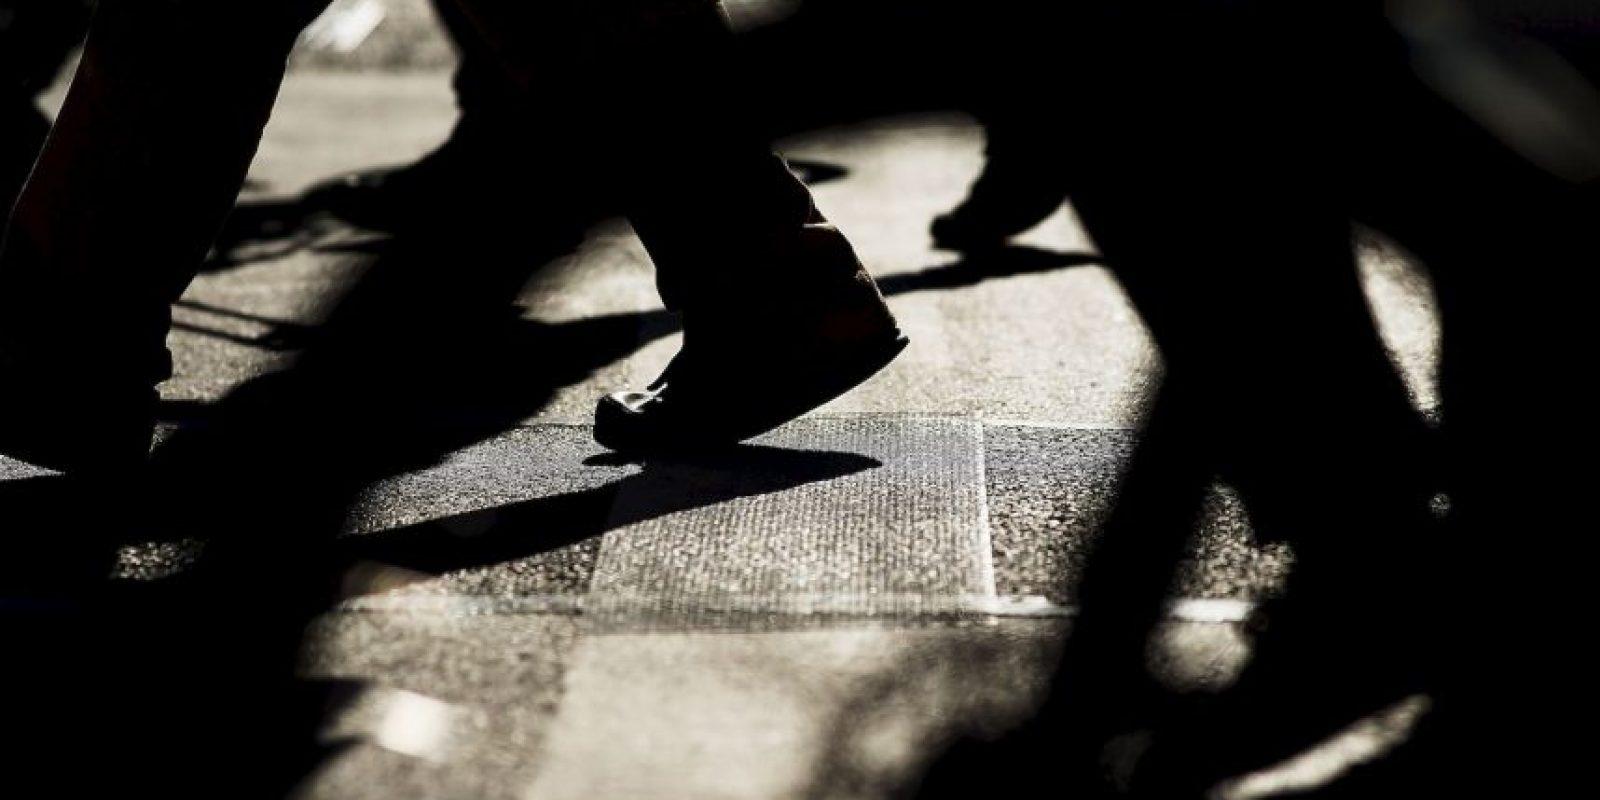 Desde el punto de vista sanitario, la cantidad de actividad física que se realiza en las rutinas diarias es más importante que la utilizada en el deporte y el ejercicio físico en el tiempo libre, según la investigación. Foto:Getty Images